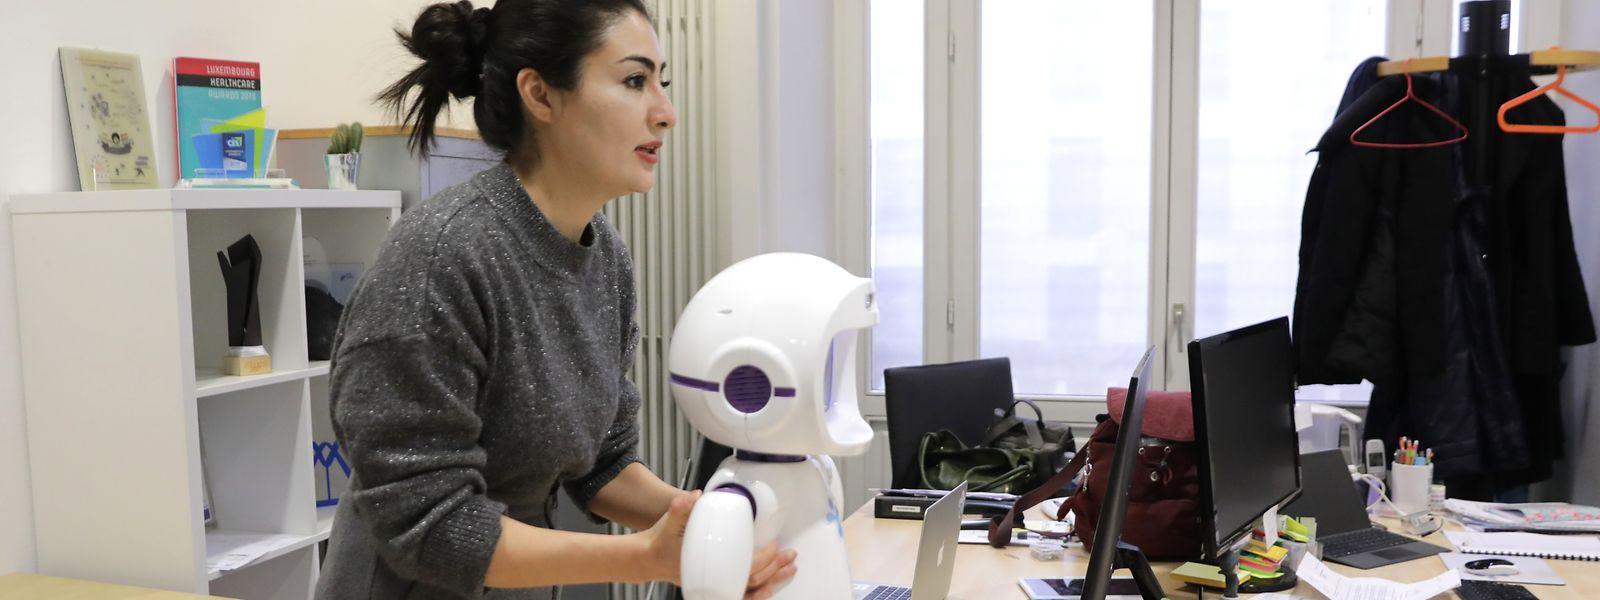 De cinq prototypes fabriqués en 2017, LuxAI est passé à près de 200 pièces déjà vendues depuis que le petit robot est devenu un produit commercial en août dernier.